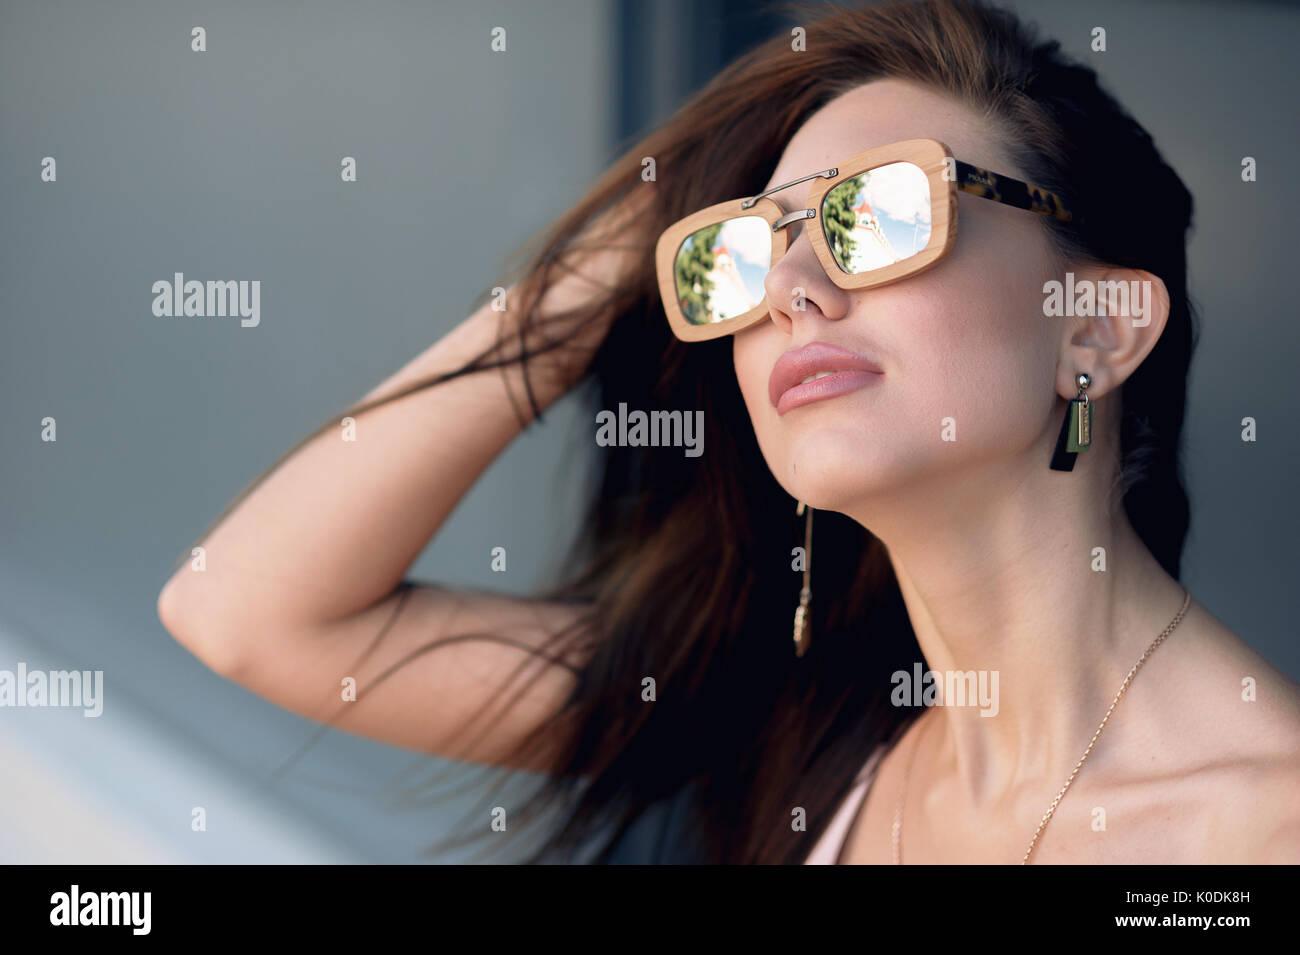 Portrait de l extérieur une belle jeune femme à la mode, heureux, portant  des lunettes de soleil dans un cadre en bois, la création d une ville sur  la rue. 76b241a88672